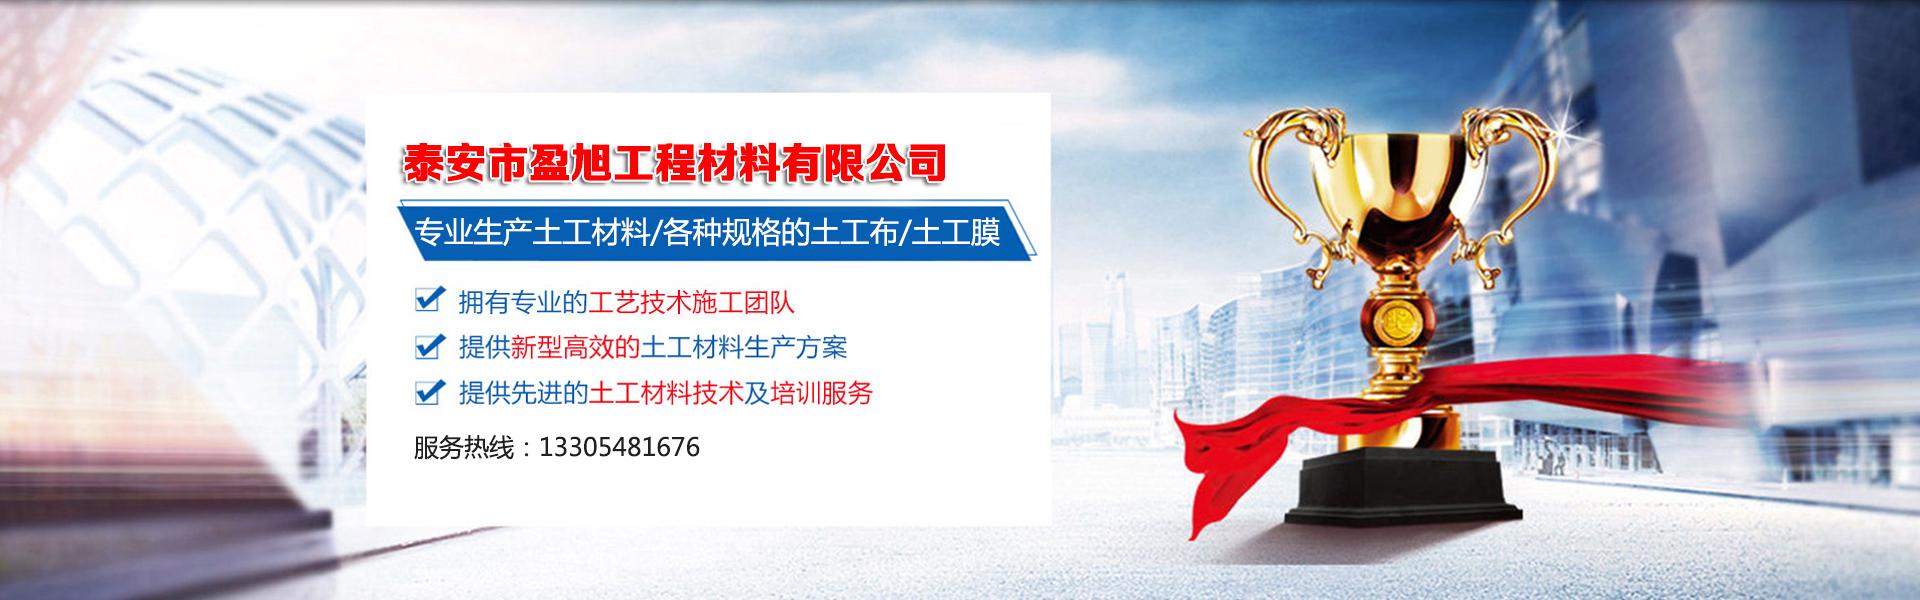 泰安市盈旭工程材料有限公司